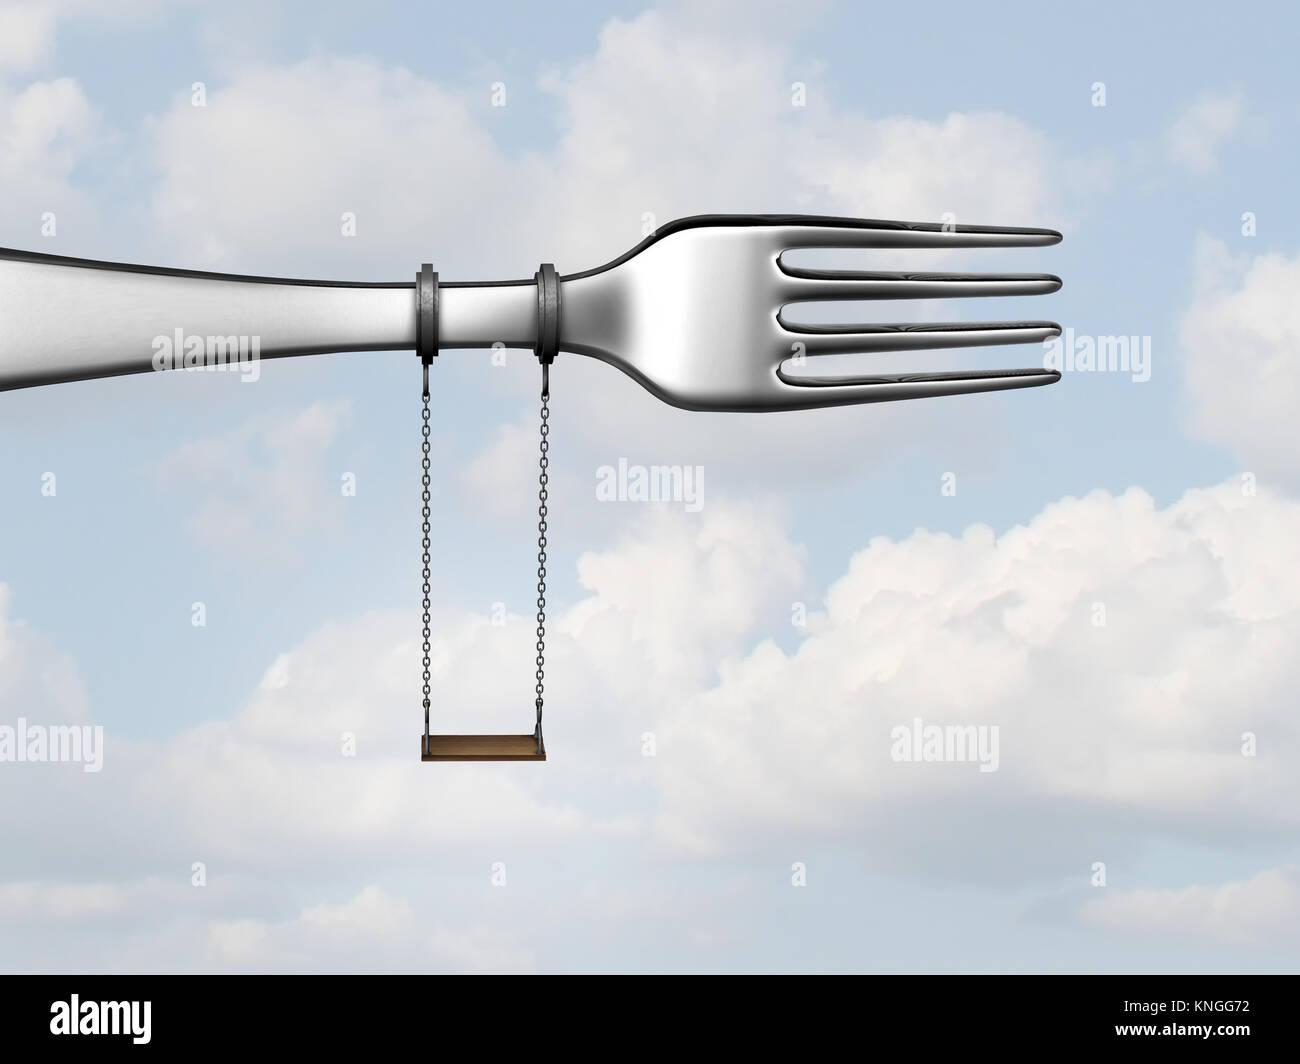 Repas enfants concept comme une cuisine ou un restaurant avec une aire de fourche swing comme un symbole de menu Photo Stock